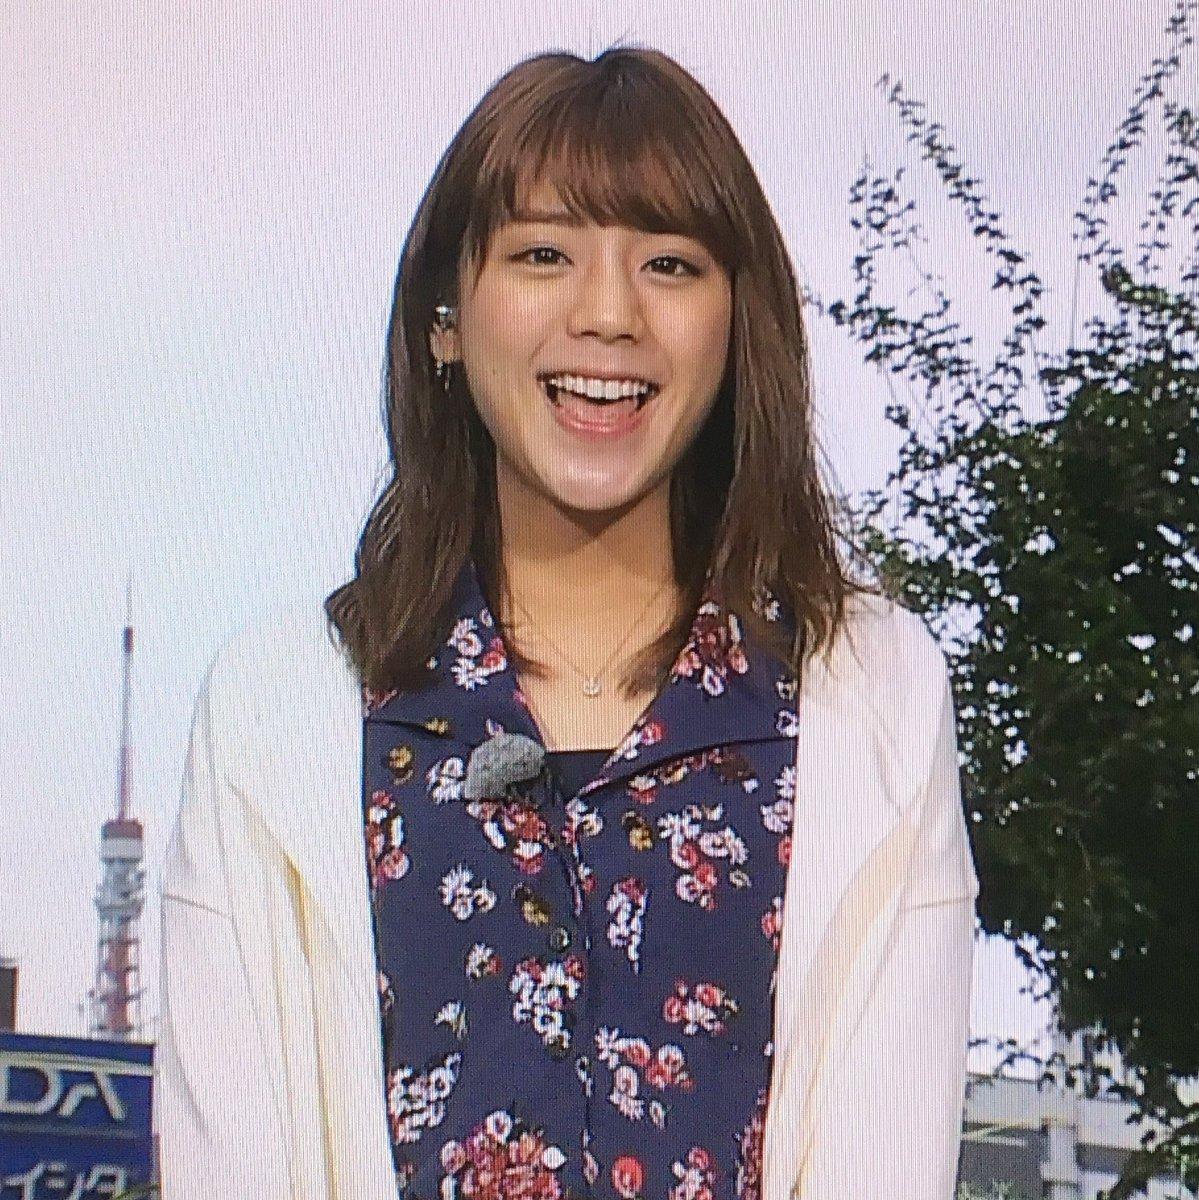 貴島明日香 卒業